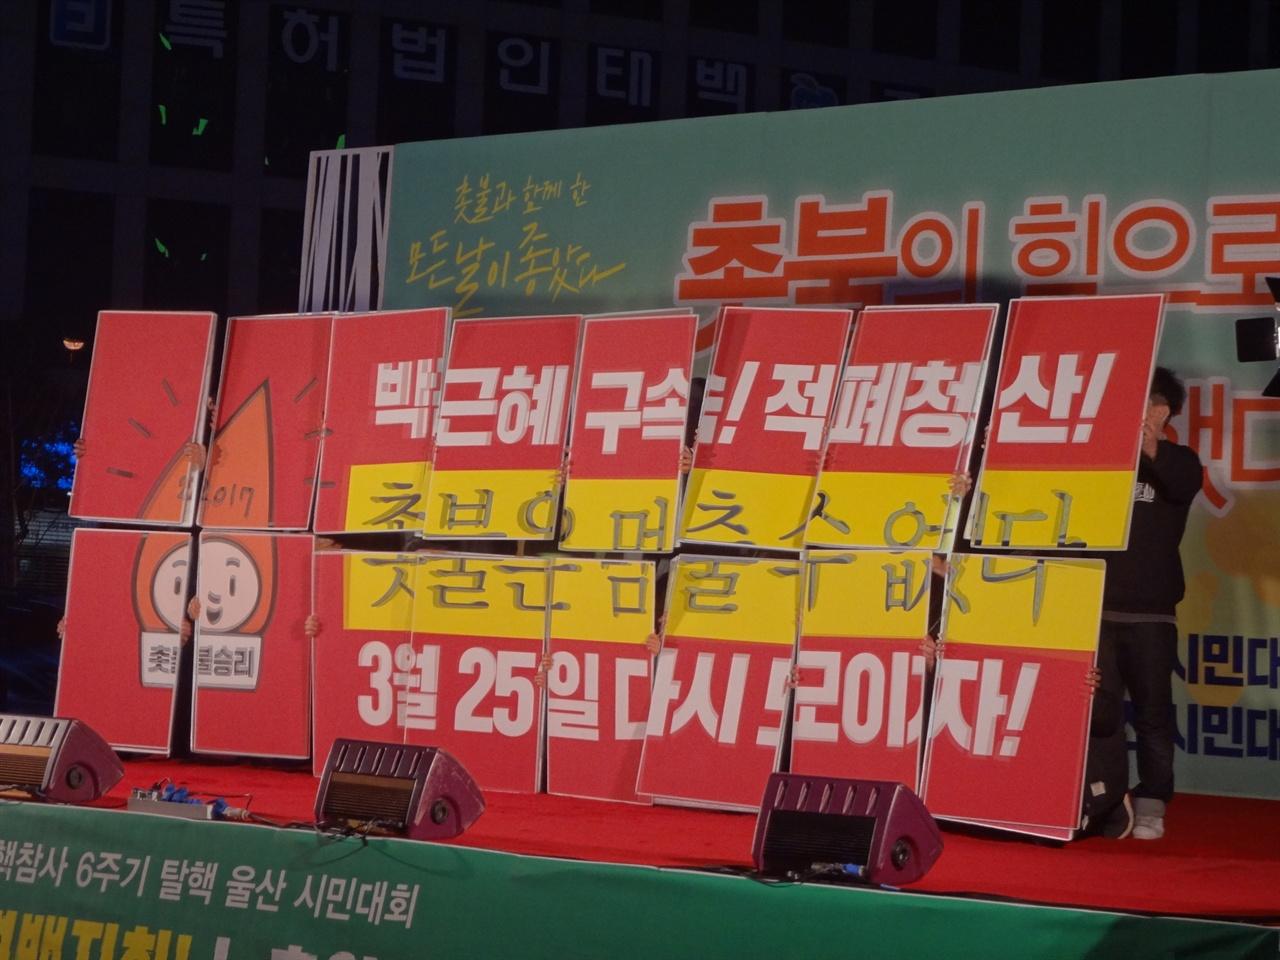 박근혜 구속! 적폐청산! 피켓공연 사진2